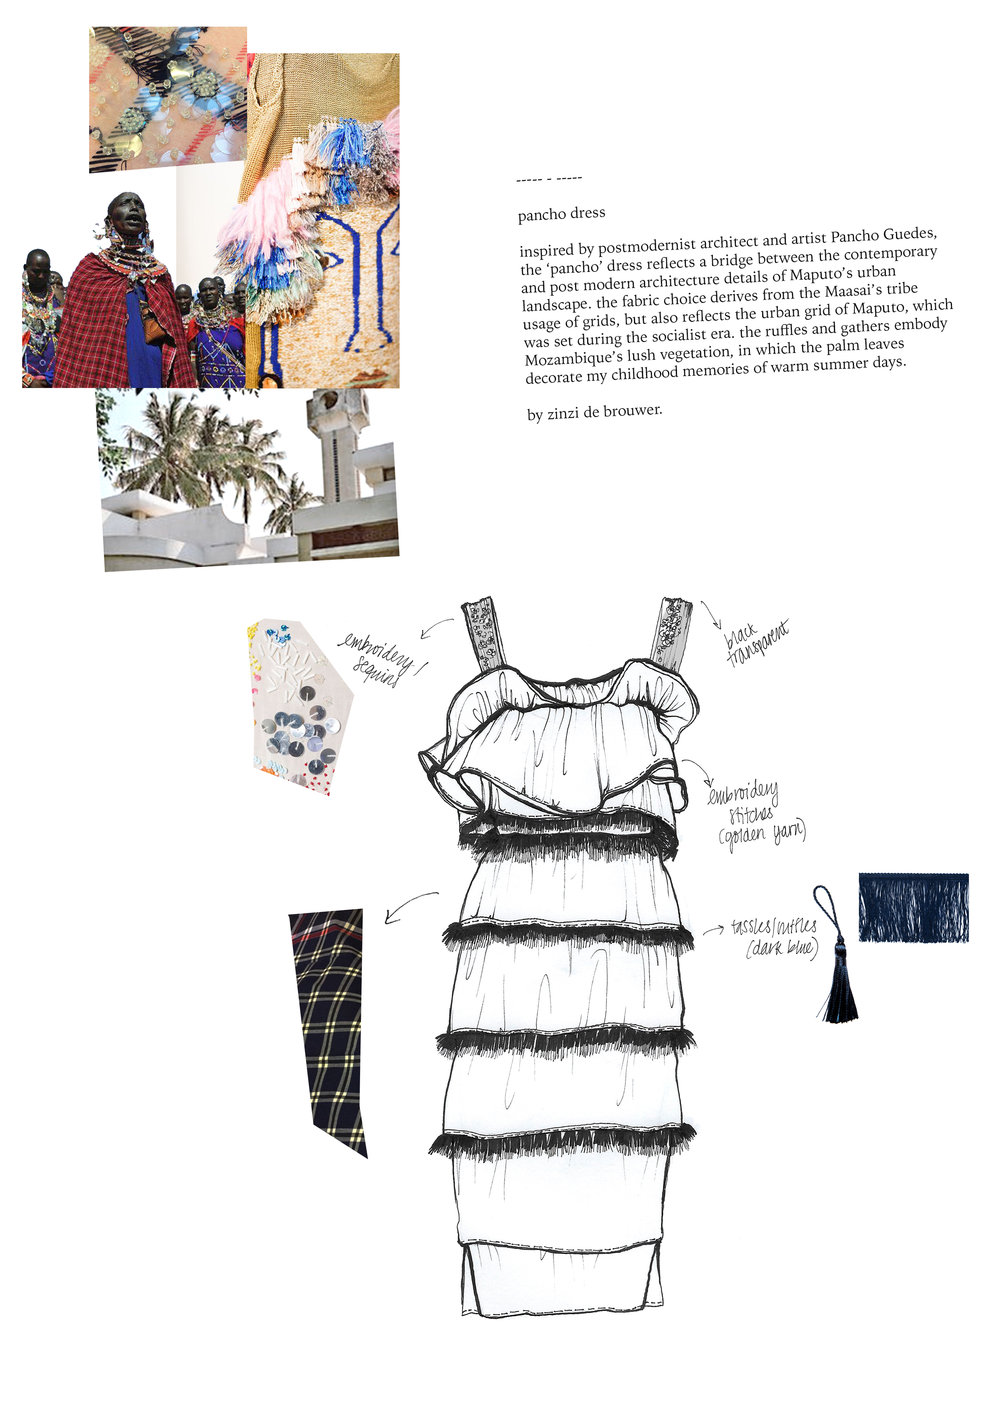 Pancho dress by Zinzi de Brouwer.jpg